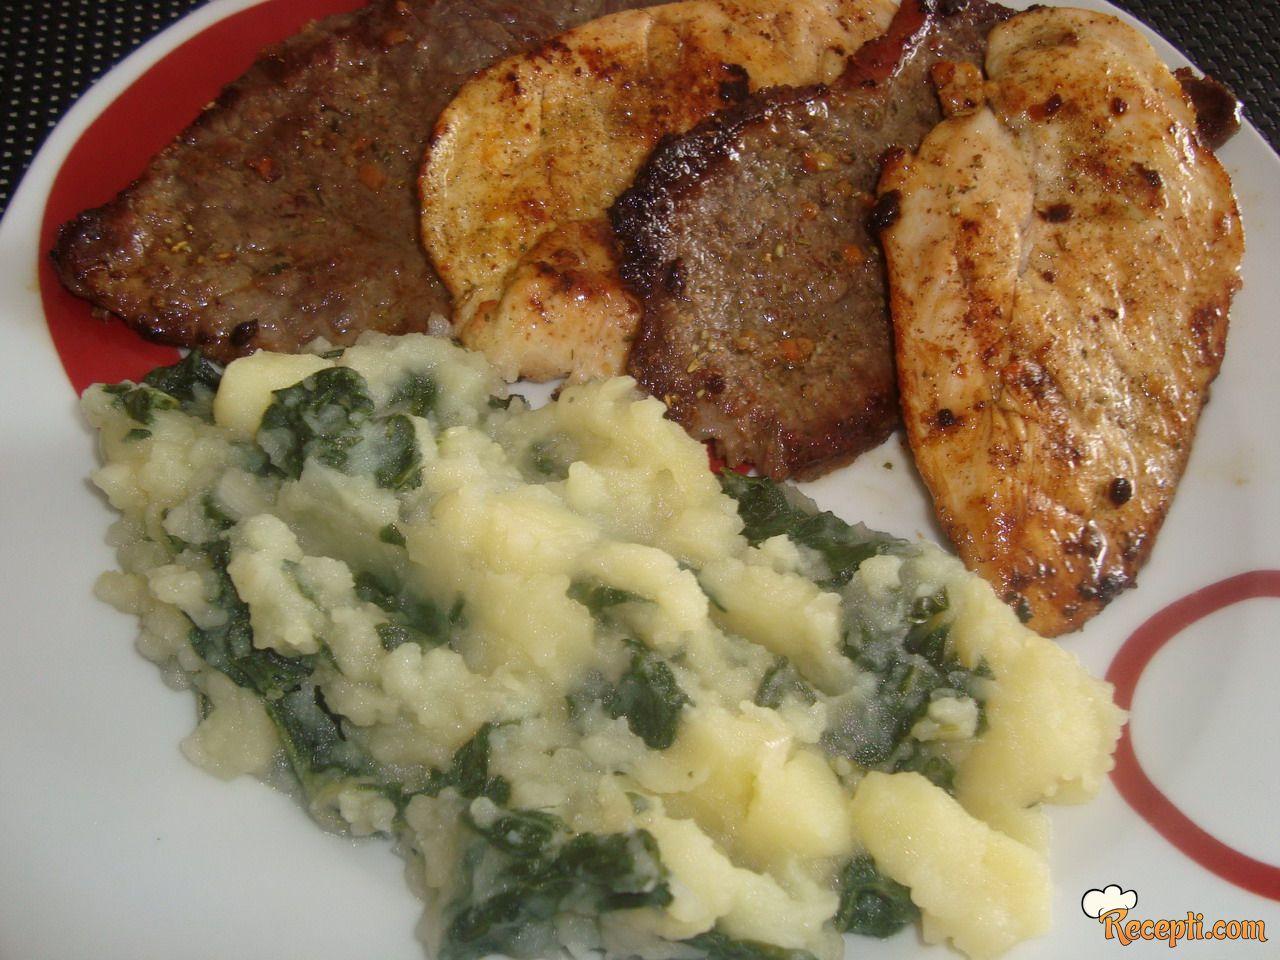 Miješano meso sa prilogom od blitve i krompira